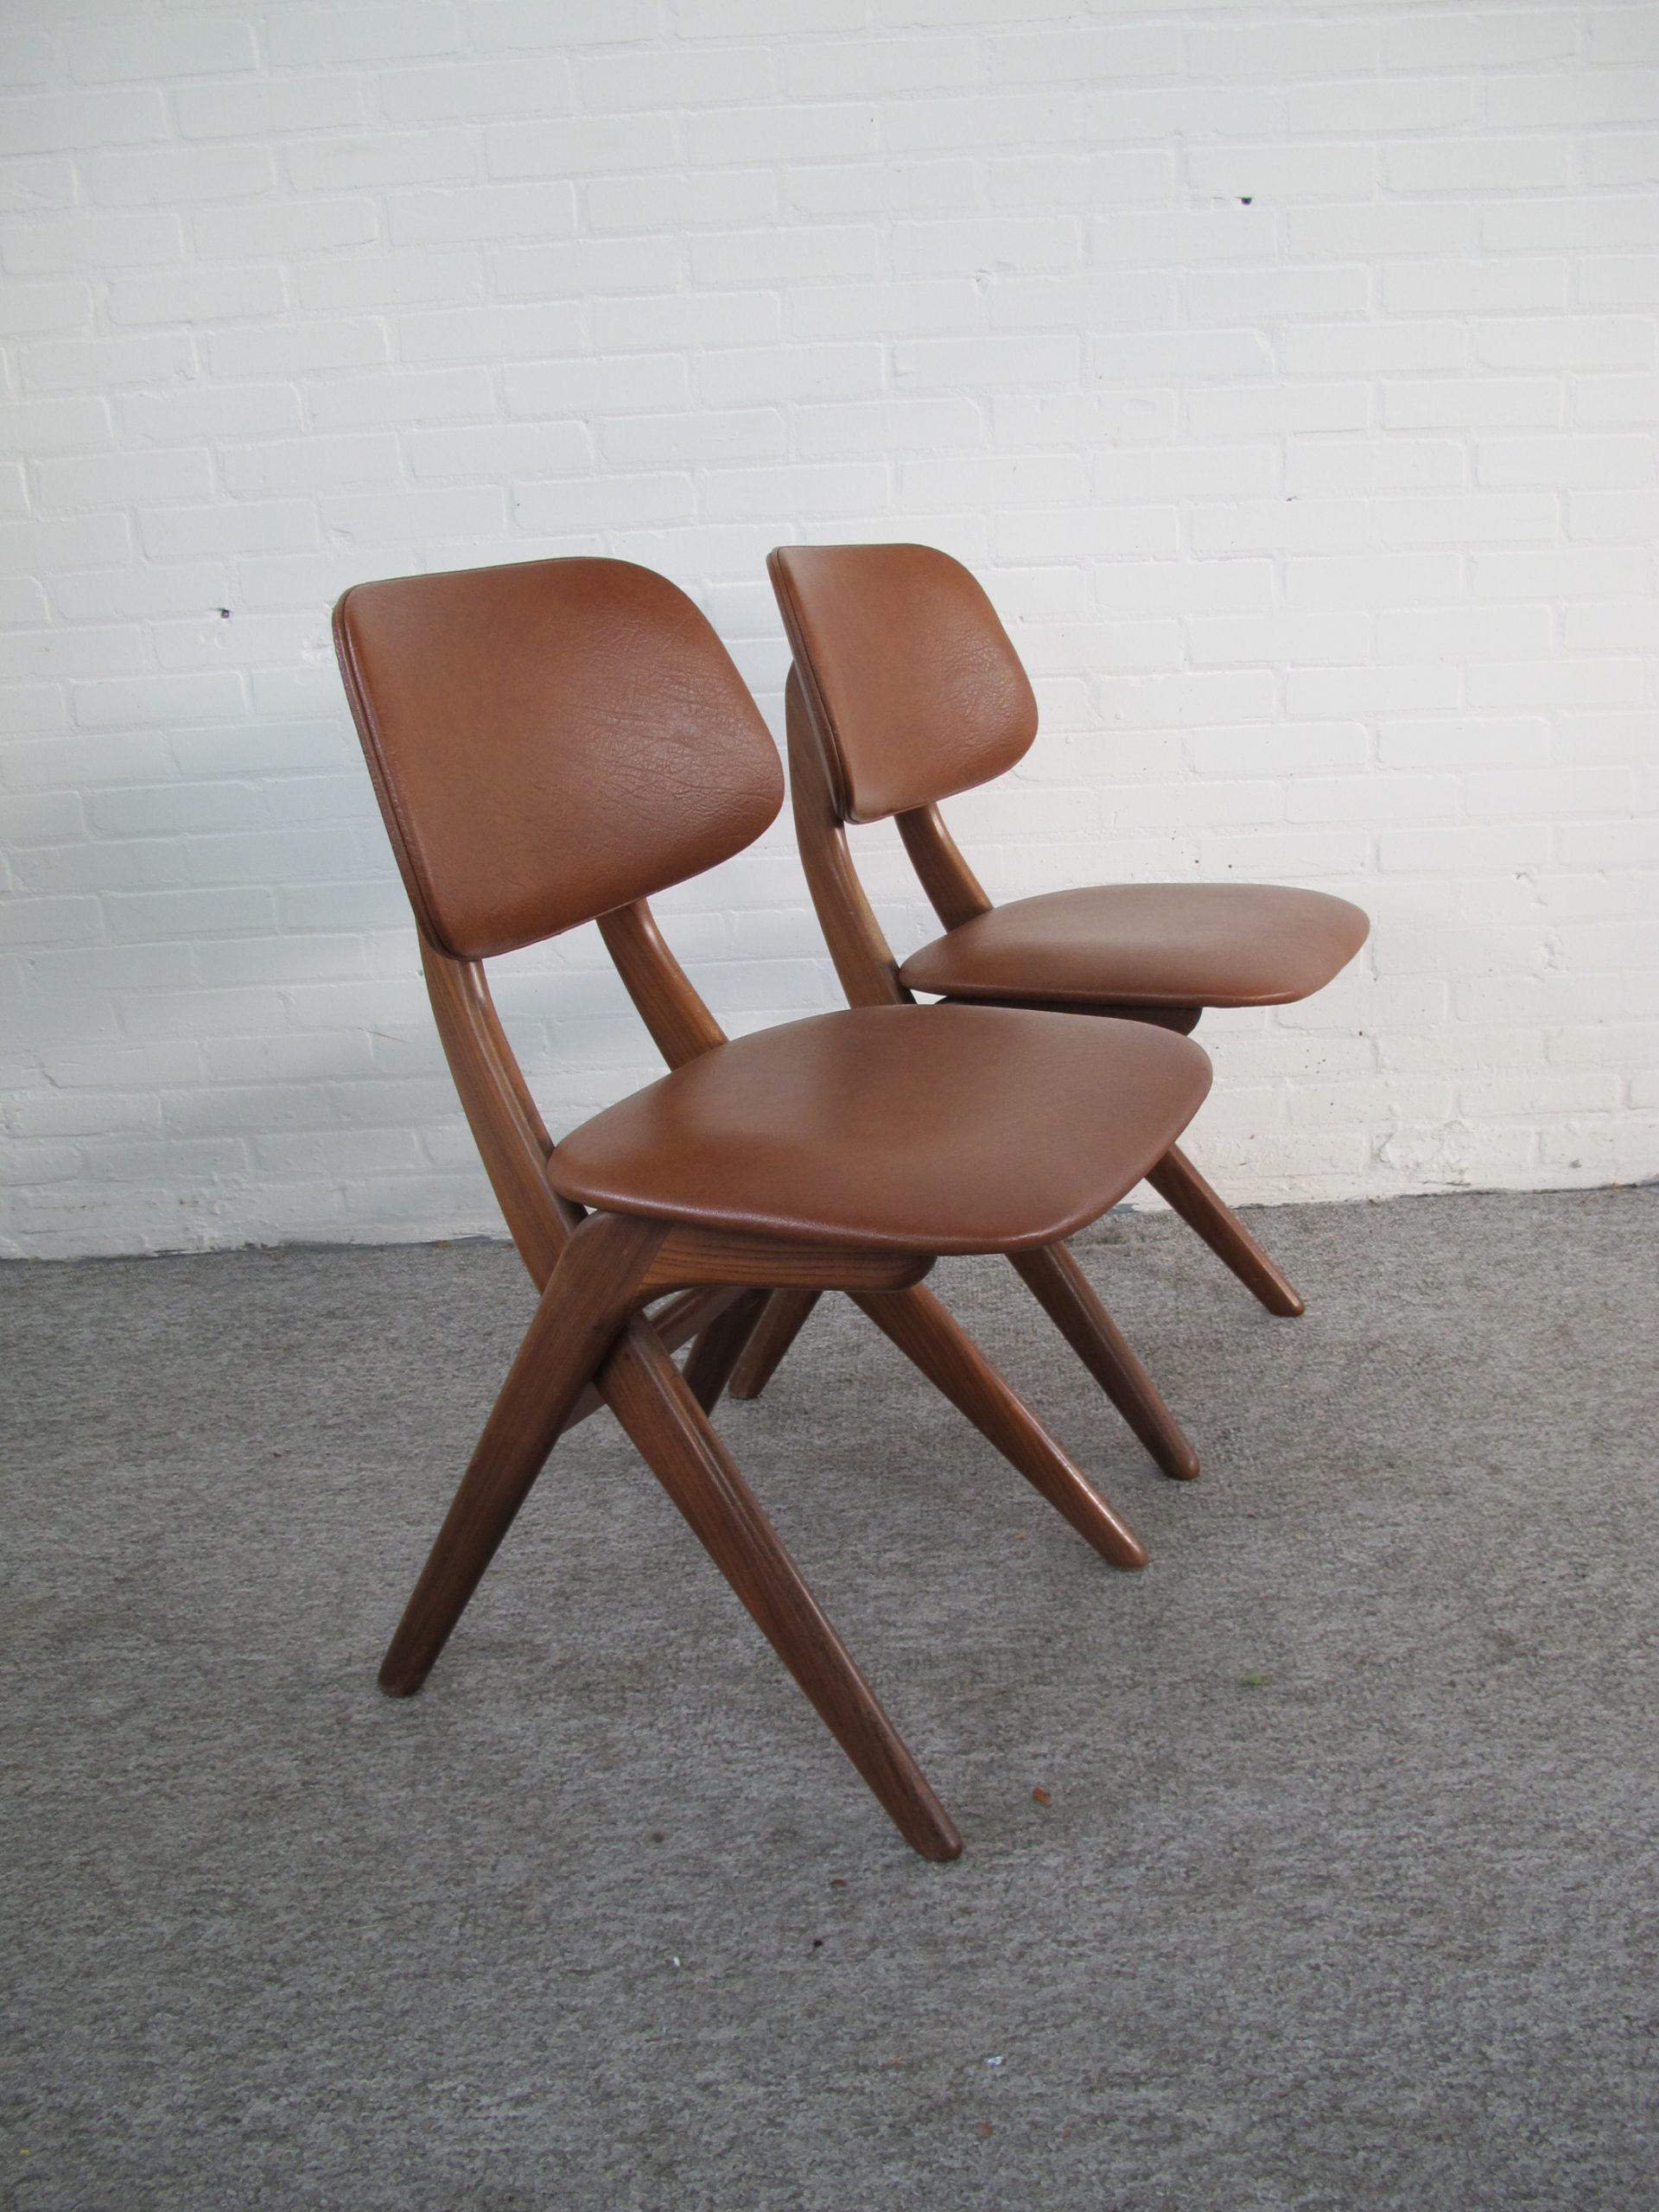 stoelen scissor chairs van der Veer Joure Louis van Teeffelen vintage midcentury